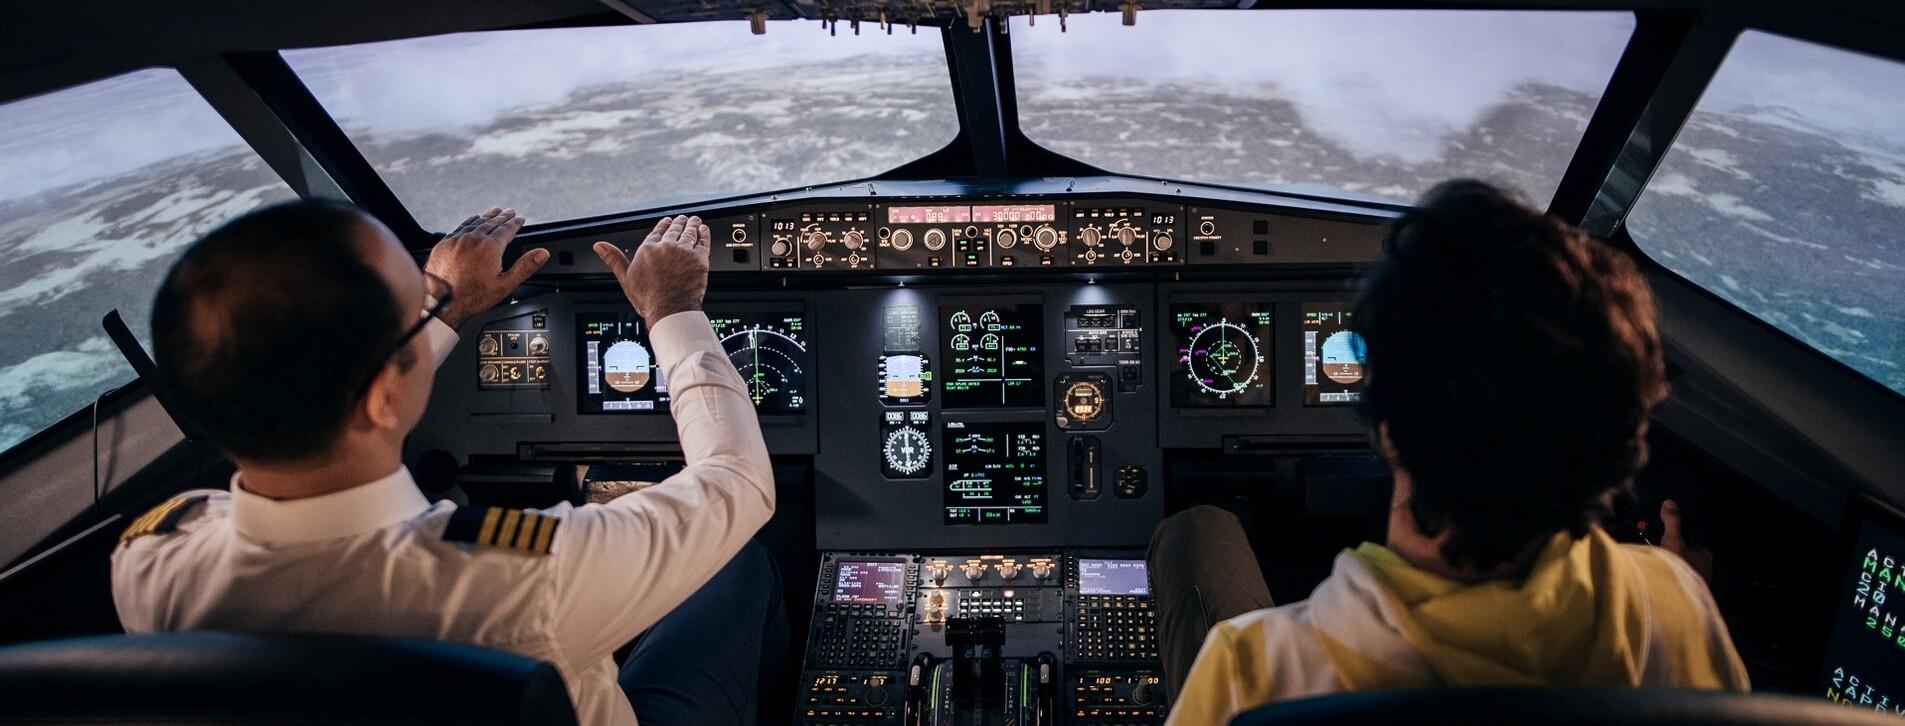 Fotoğraf - İki Kişi için Airbus A320 Uçuş Simülatörü Deneyimi